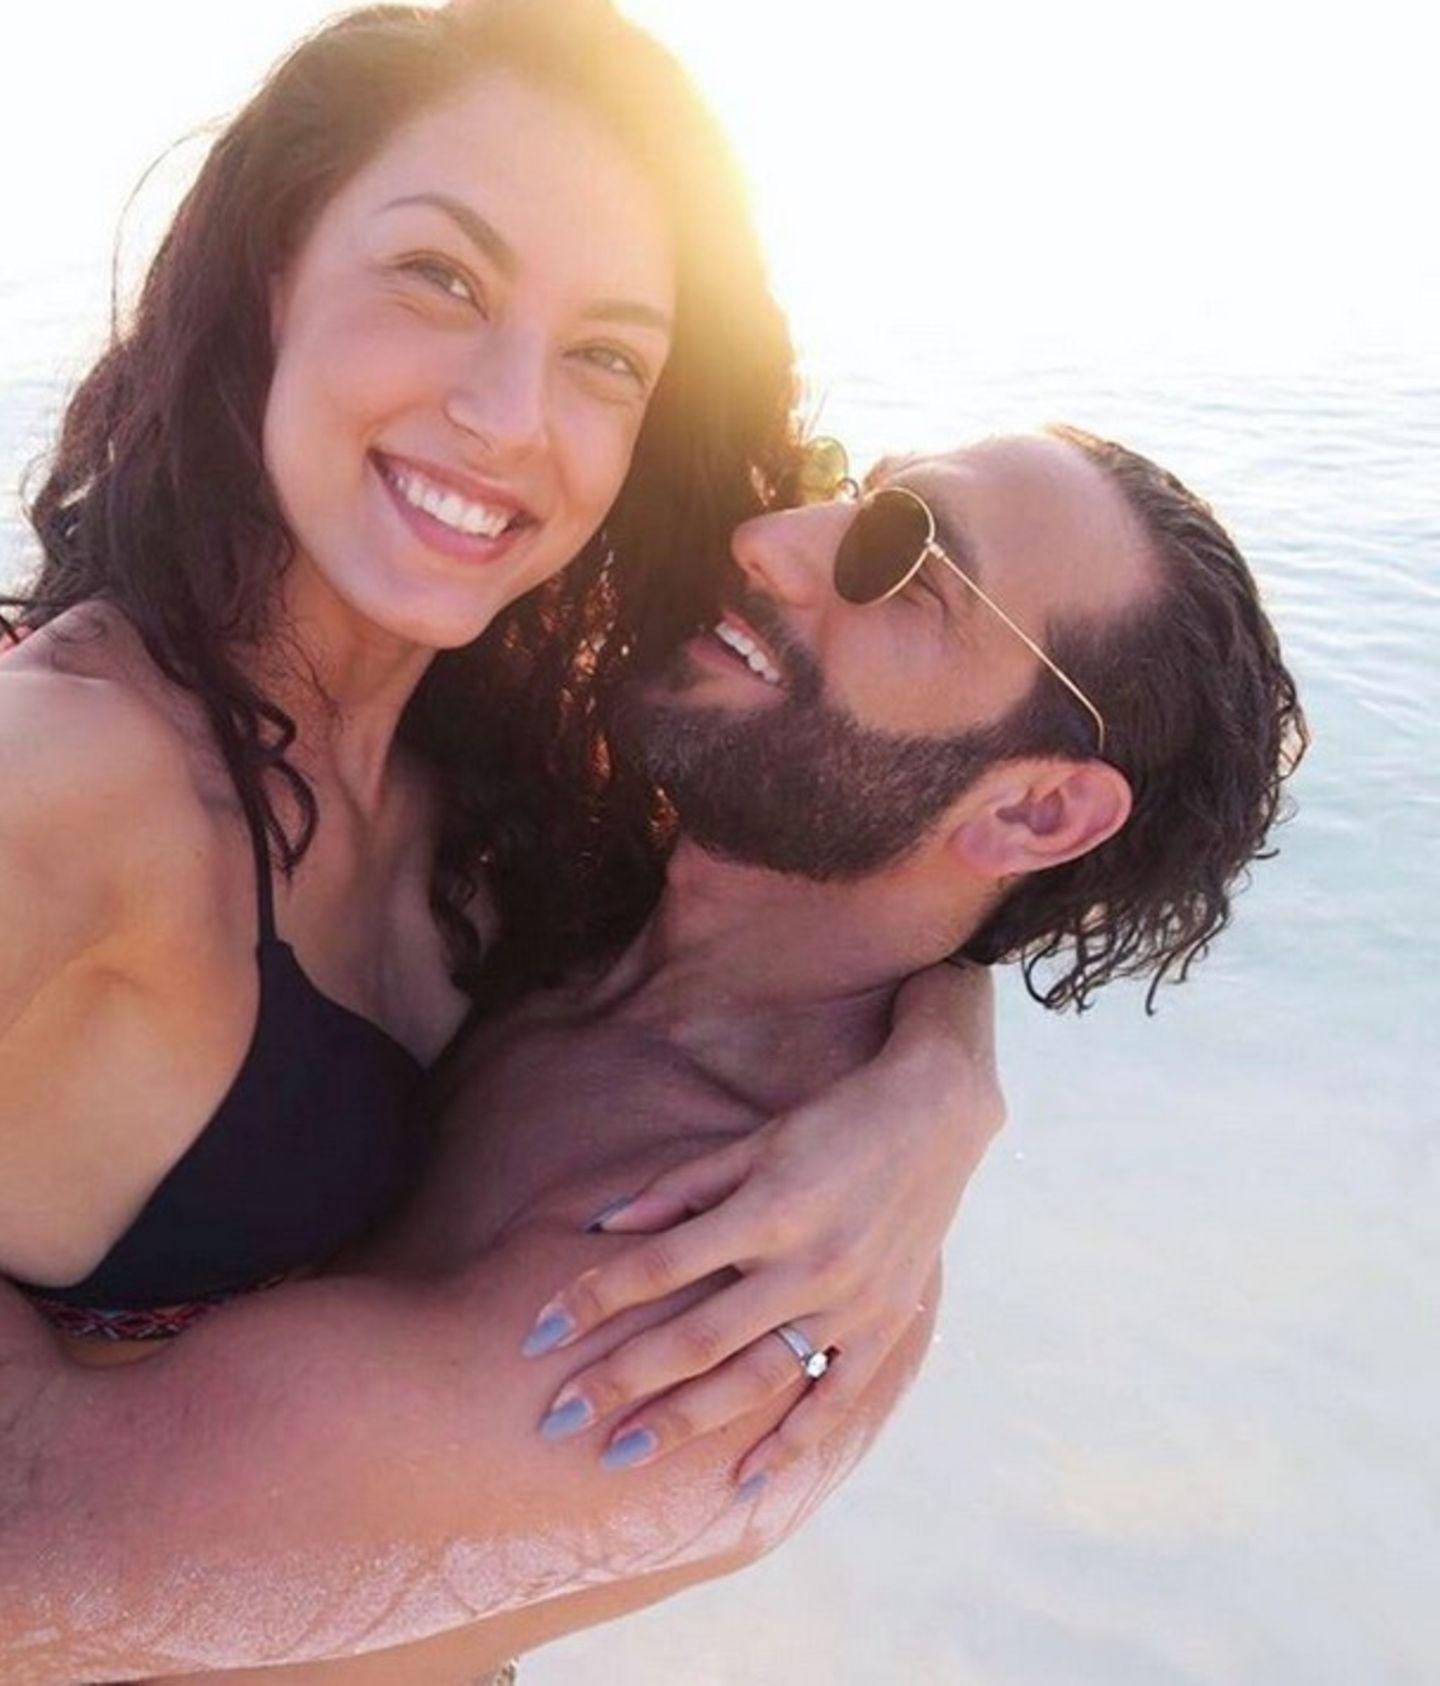 """11. Februar 2018  Hach, die Bilder von Rebecca und Massimo machen einfach neidisch. """"Traumurlaub mit Traumfrau"""" postetMassimo auf seinem Instagram-Account."""